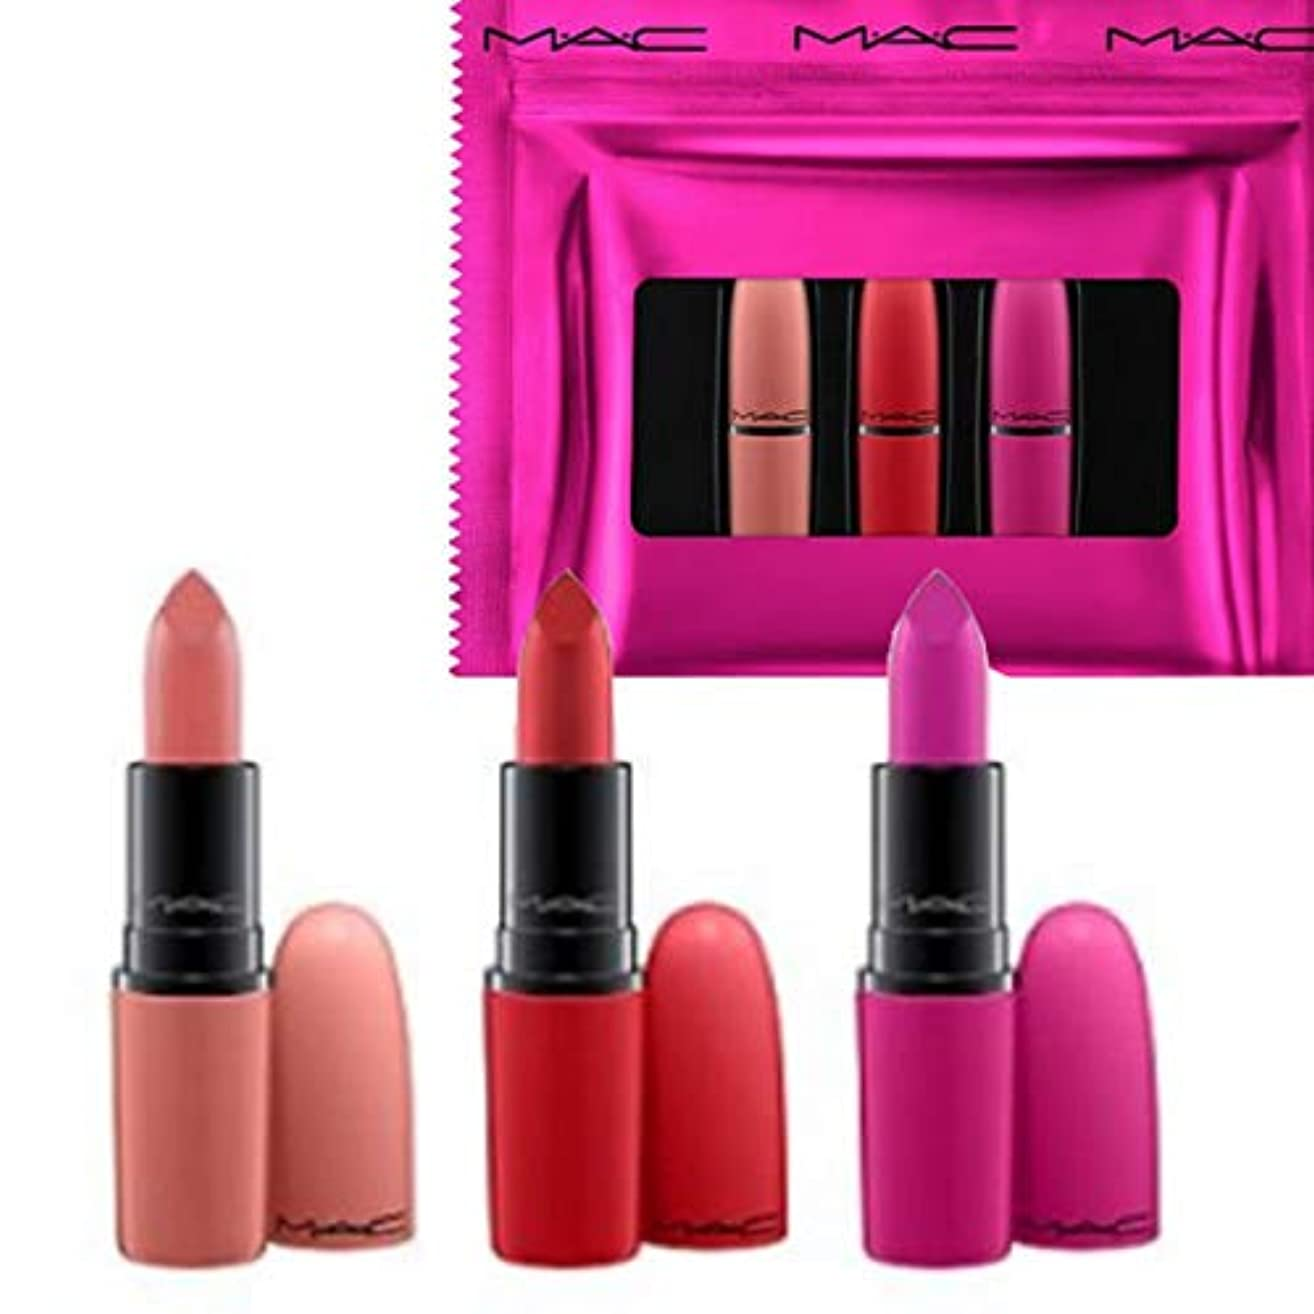 トランスペアレントシャックル抑圧者M.A.C ?マック, Limited Edition 限定版, 3-Pc. Shiny Pretty Things Lip Set - Russian Red/Kinda Sexy/Flat Out Fabulous...